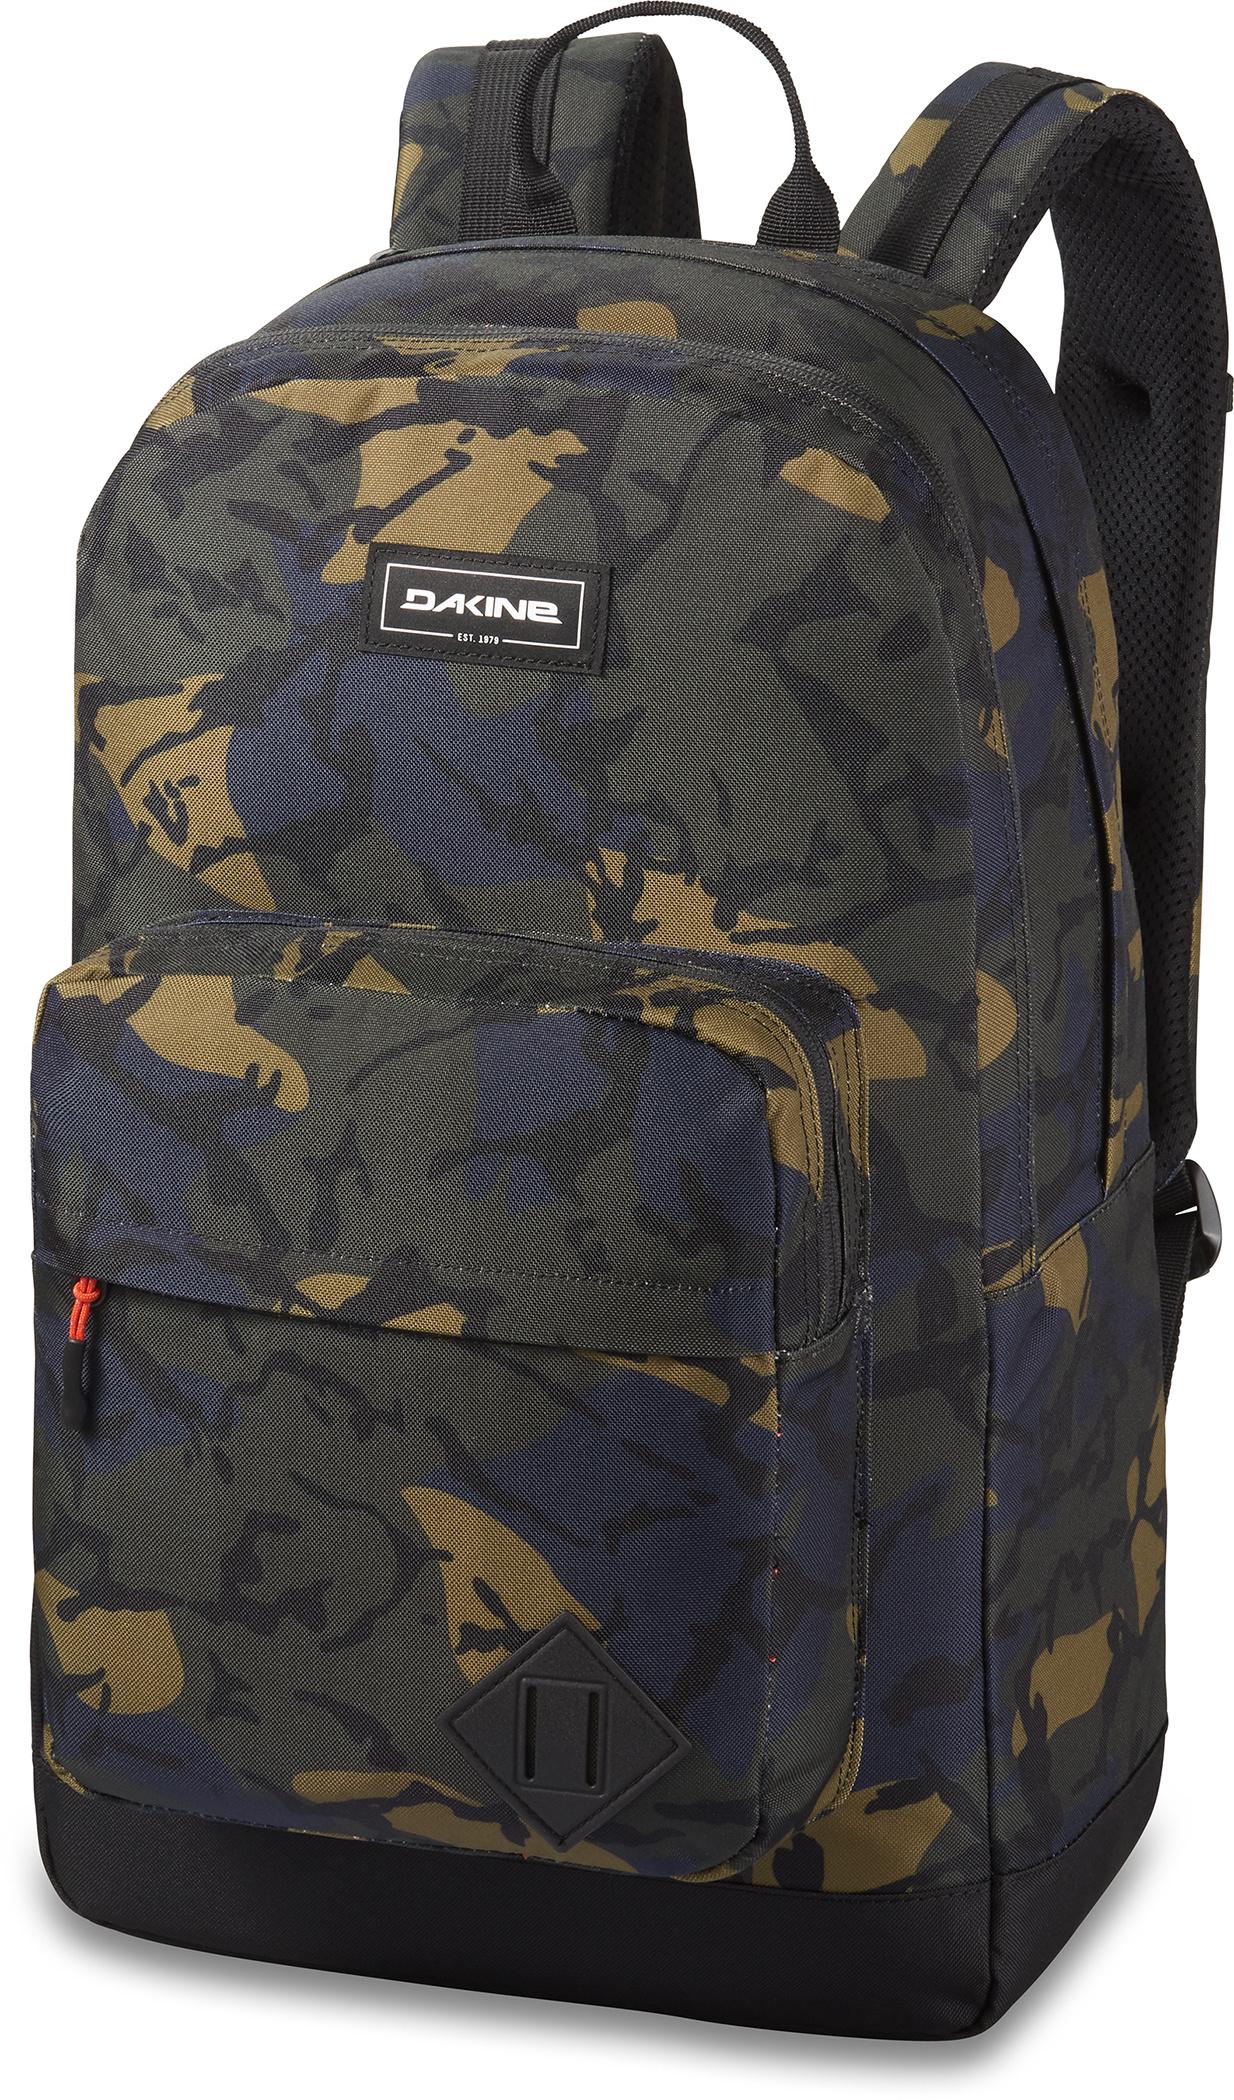 Dakine Backpack 365 PACK DLX 27L Cascade Camo